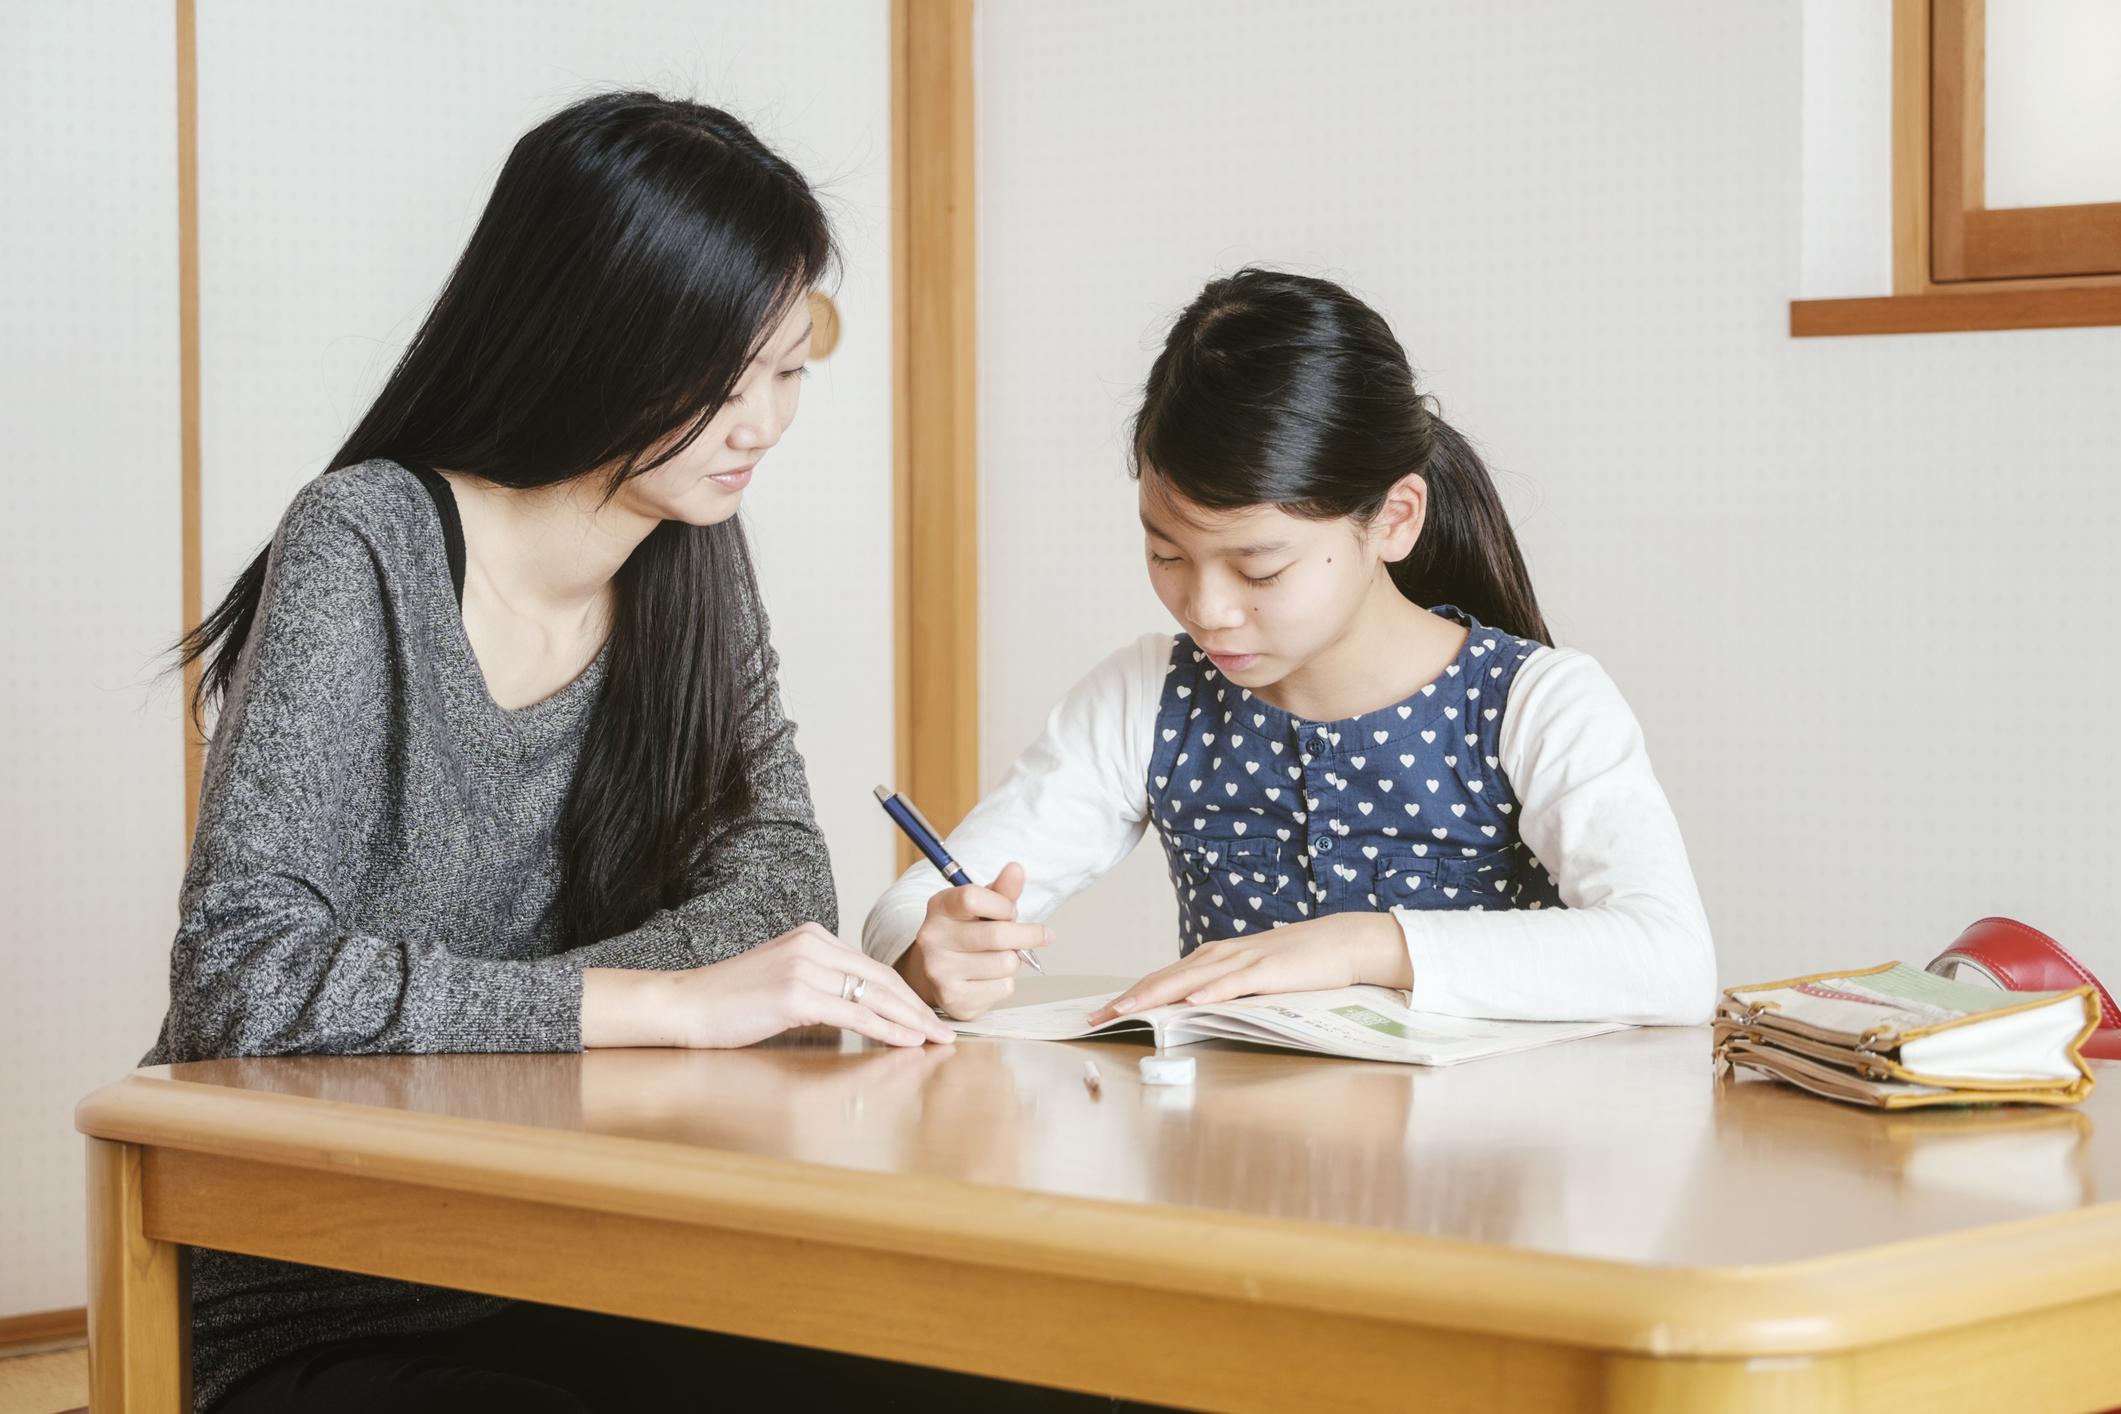 4. … e os professores podem visitar os alunos